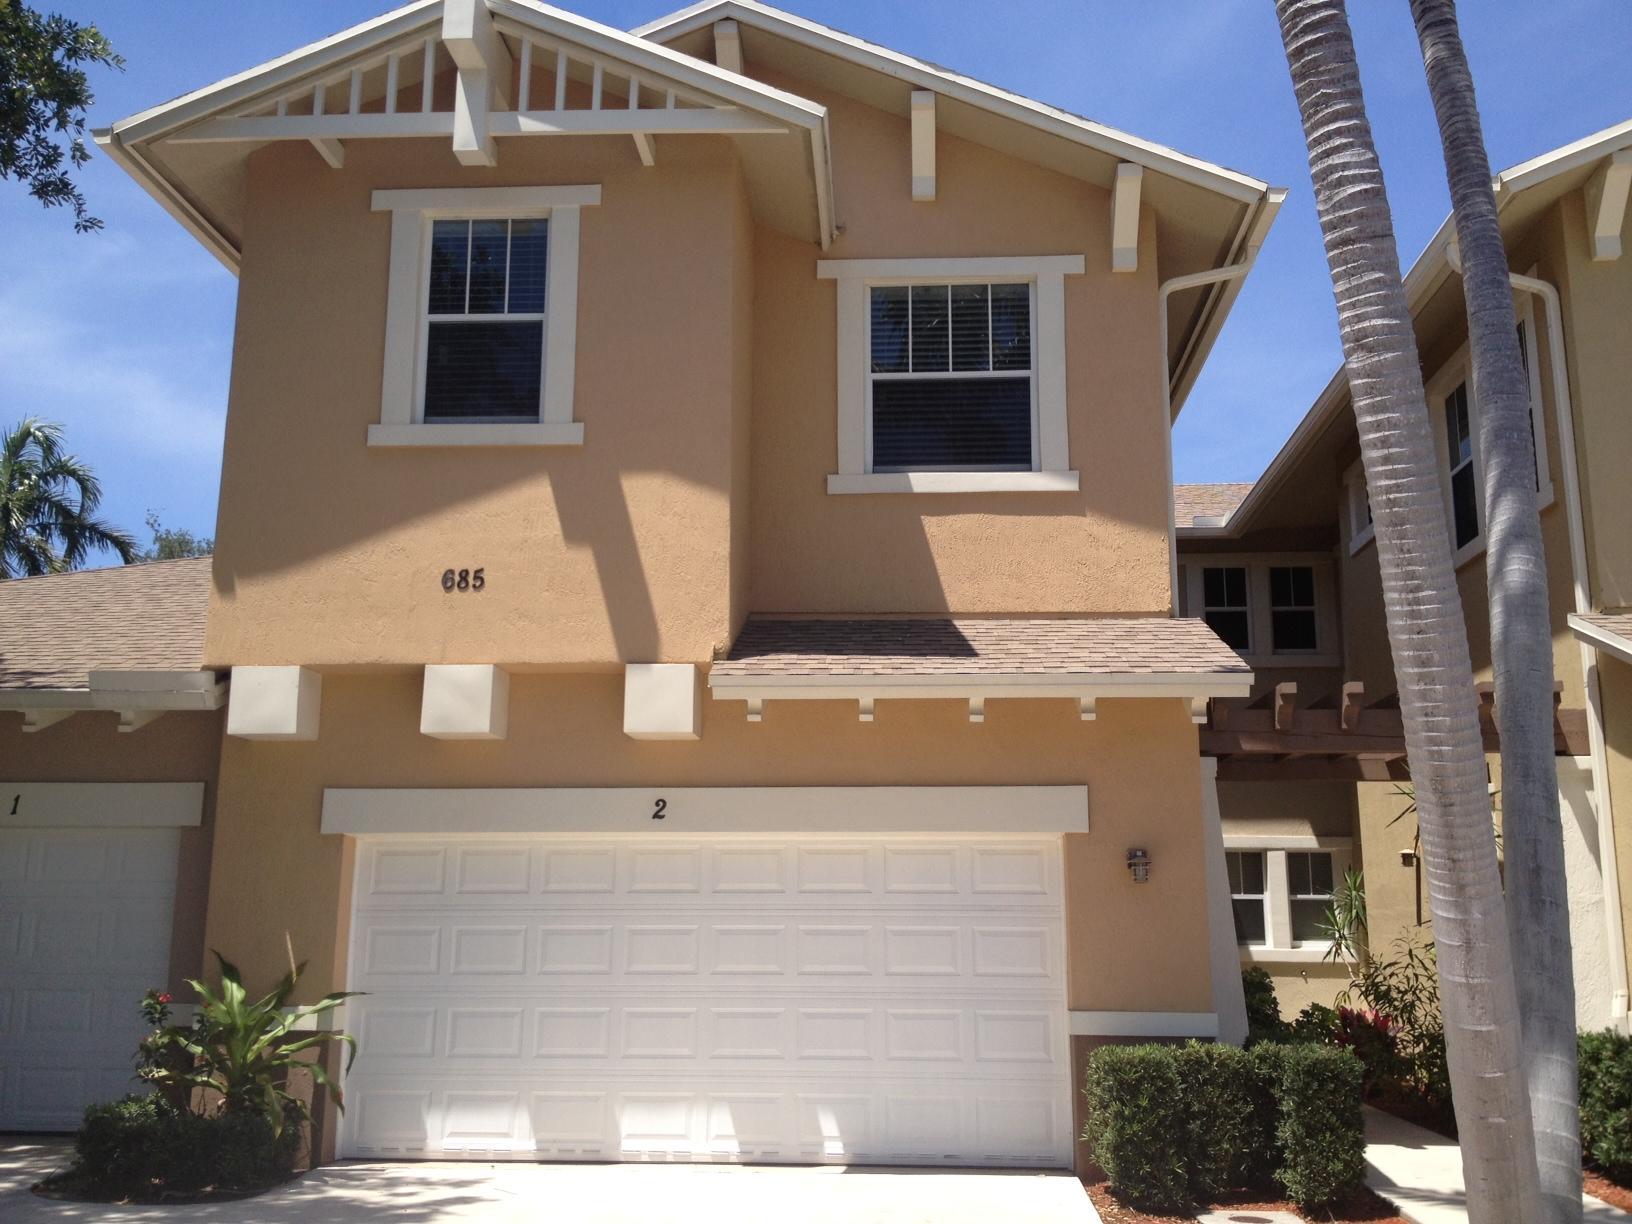 685 Pacific Grove Drive 2 West Palm Beach, FL 33401